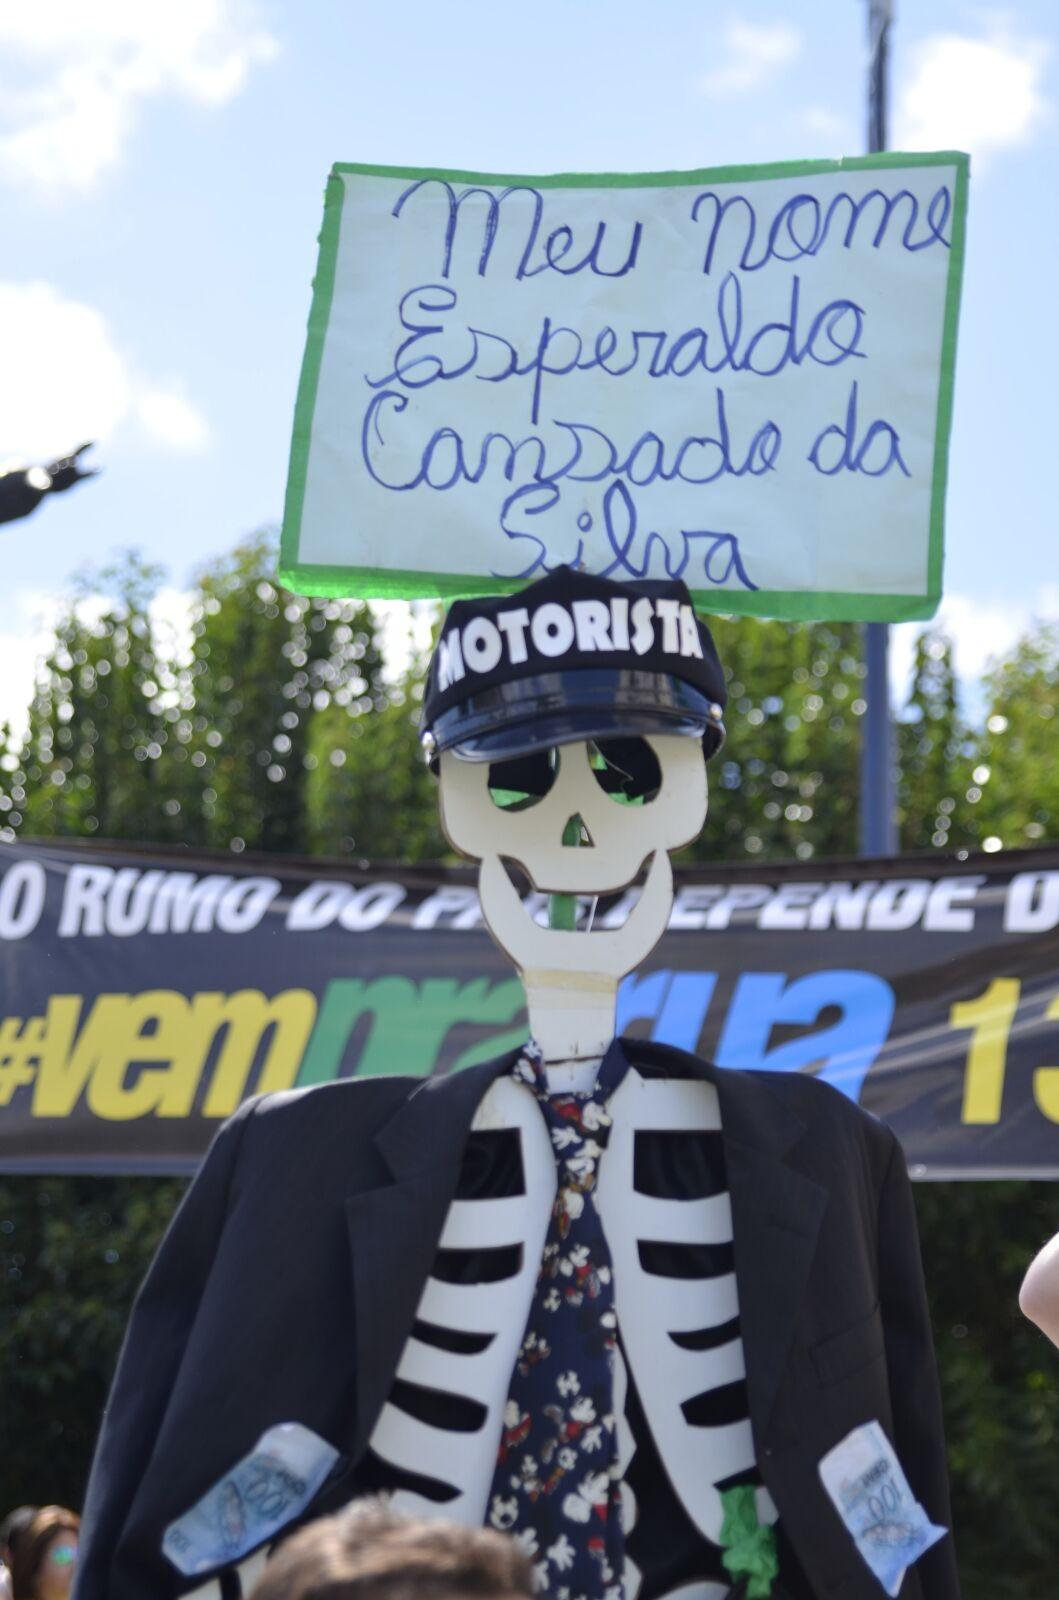 Manifestantes levaram esqueleto para protesto em Lages  (Foto: Fom Conradi/Divulgação)